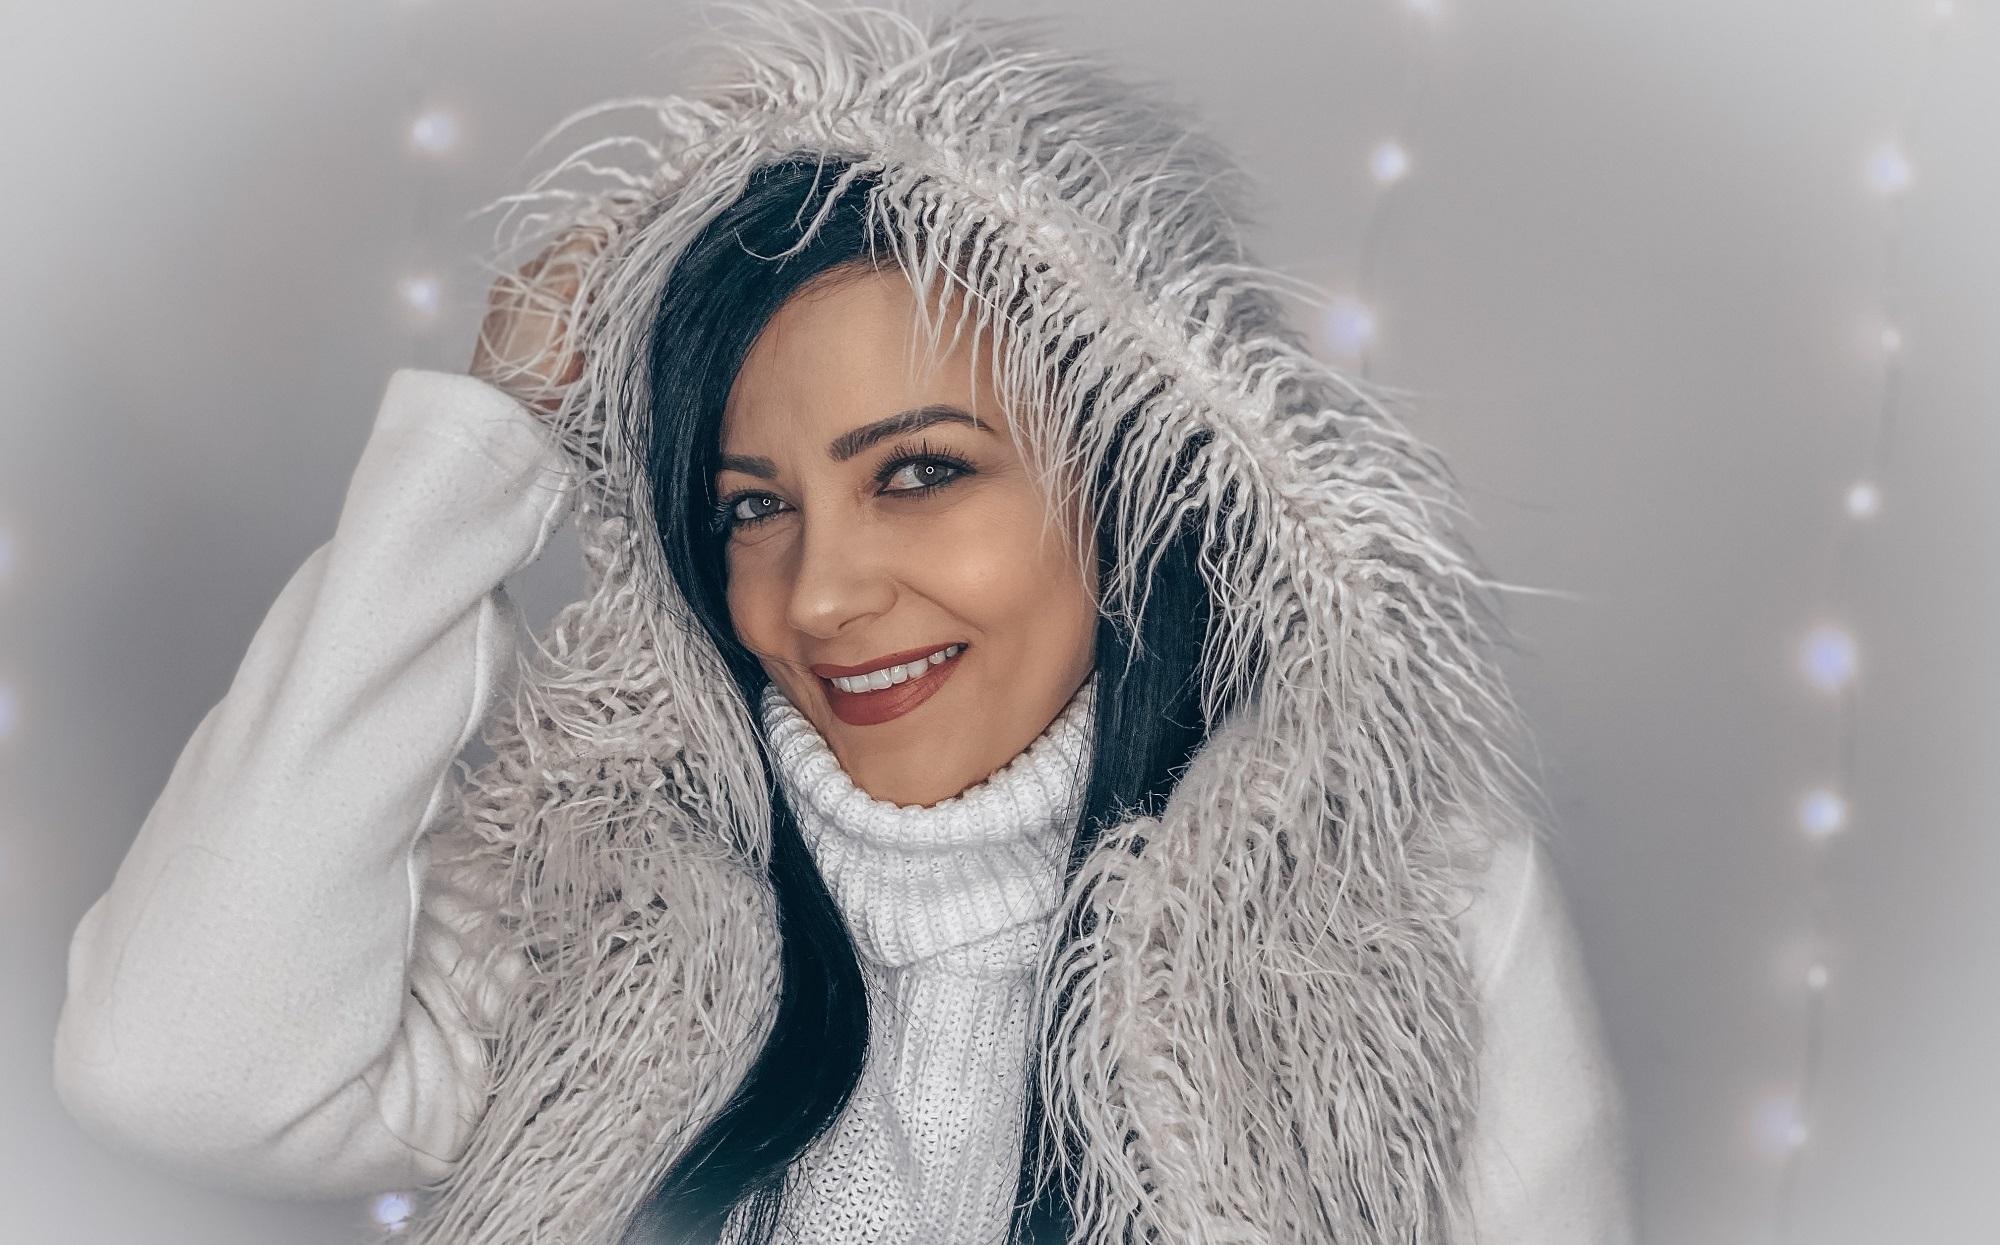 процедури за лице и тяло през зимата